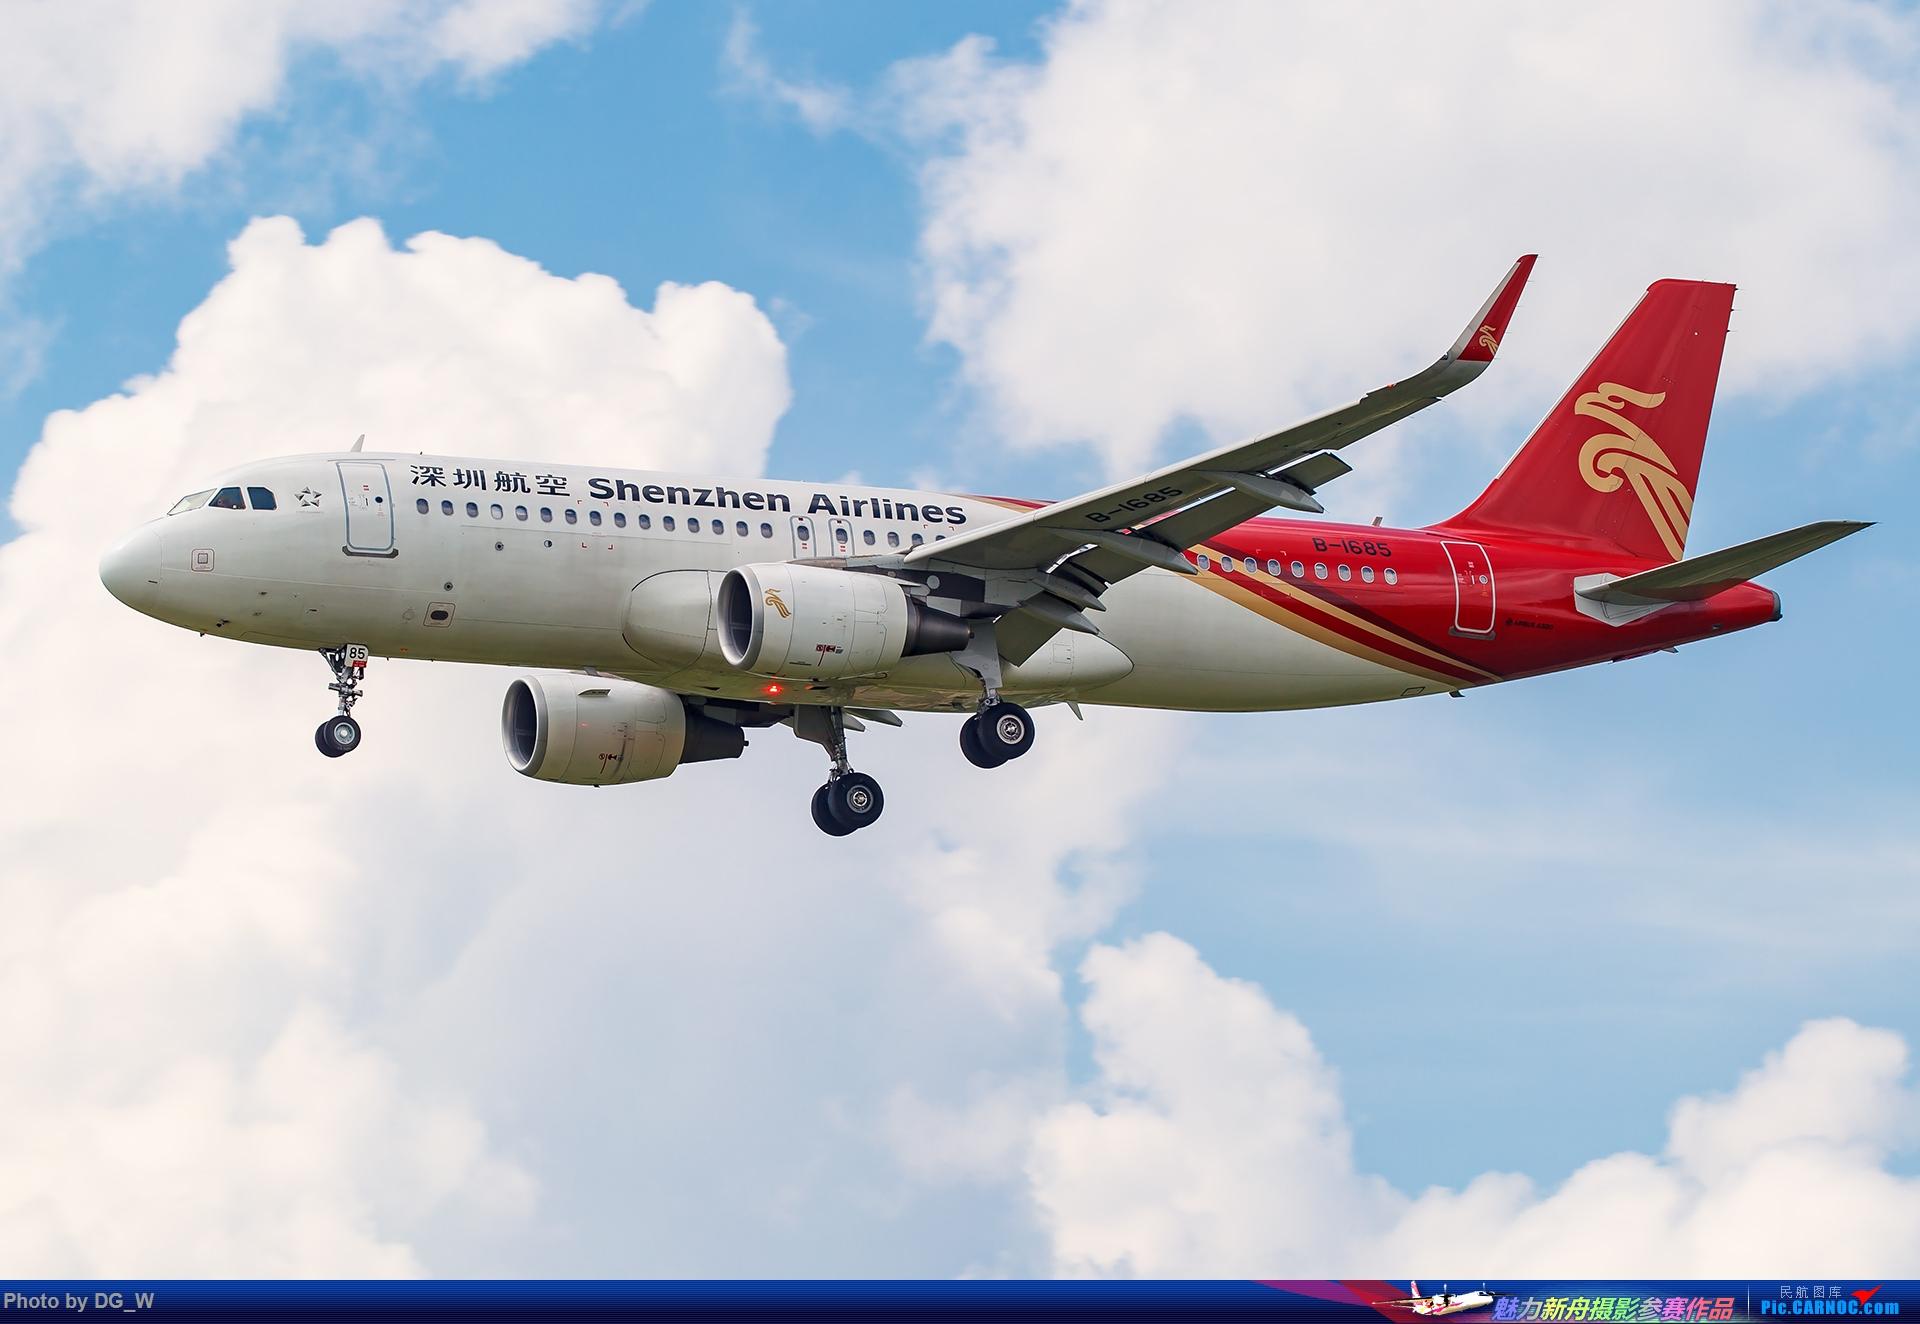 Re:[原创]【南宁飞友】难得的23跑道落地视角和宽体机 AIRBUS A320-200 B-1685 中国南宁吴圩国际机场